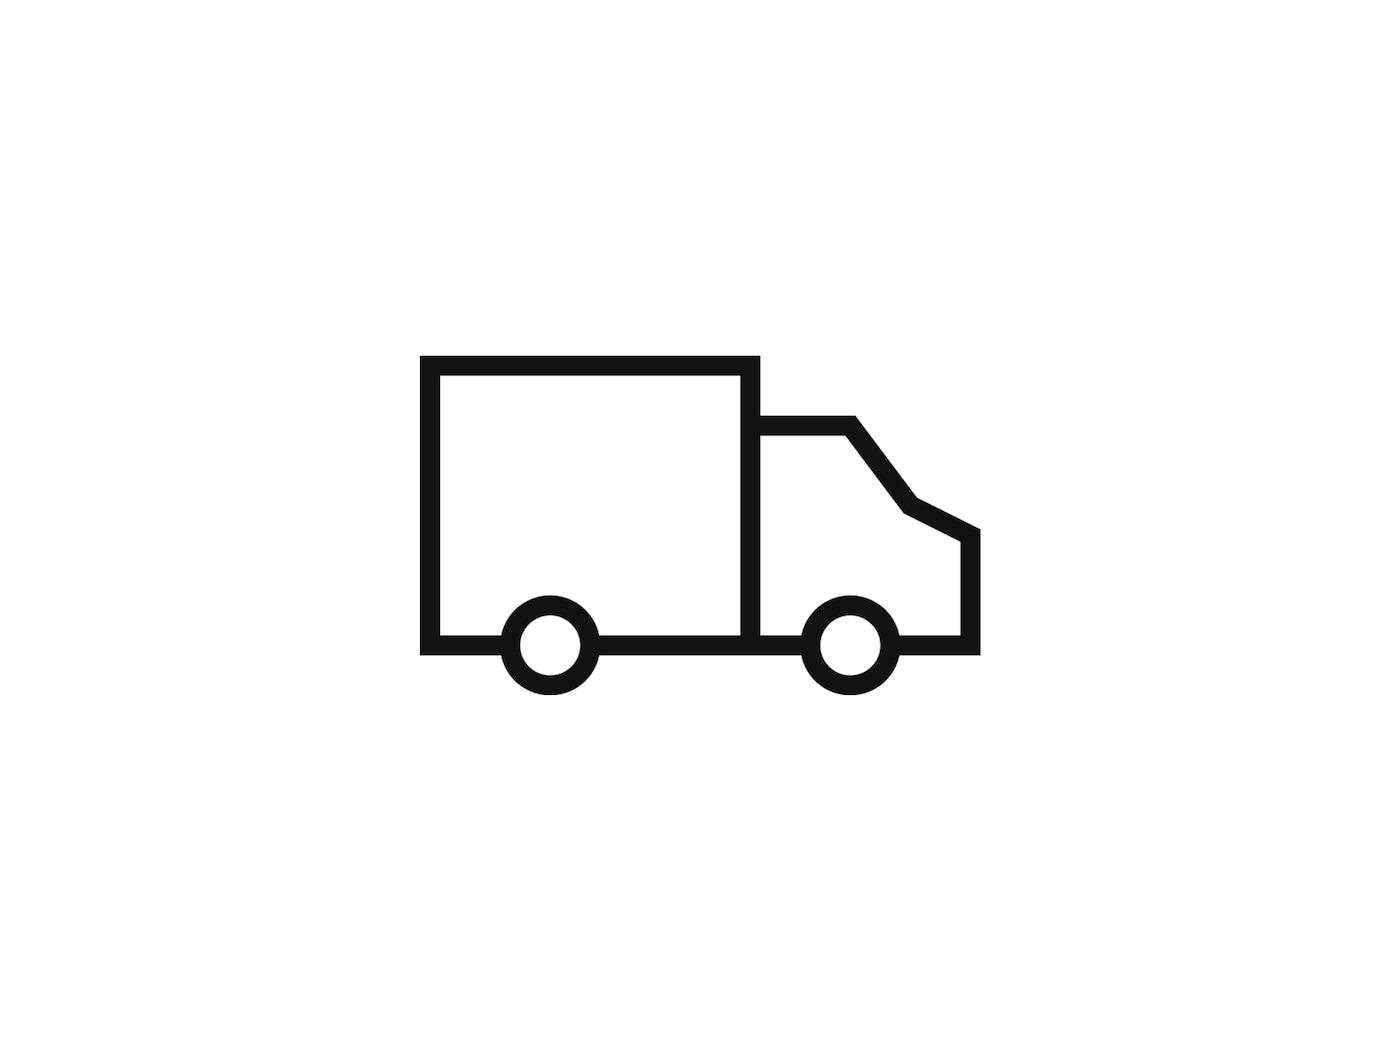 Ikona nákladního vozu symbolizujícího službu IKEA - Doprava zboží zakoupeného on-line